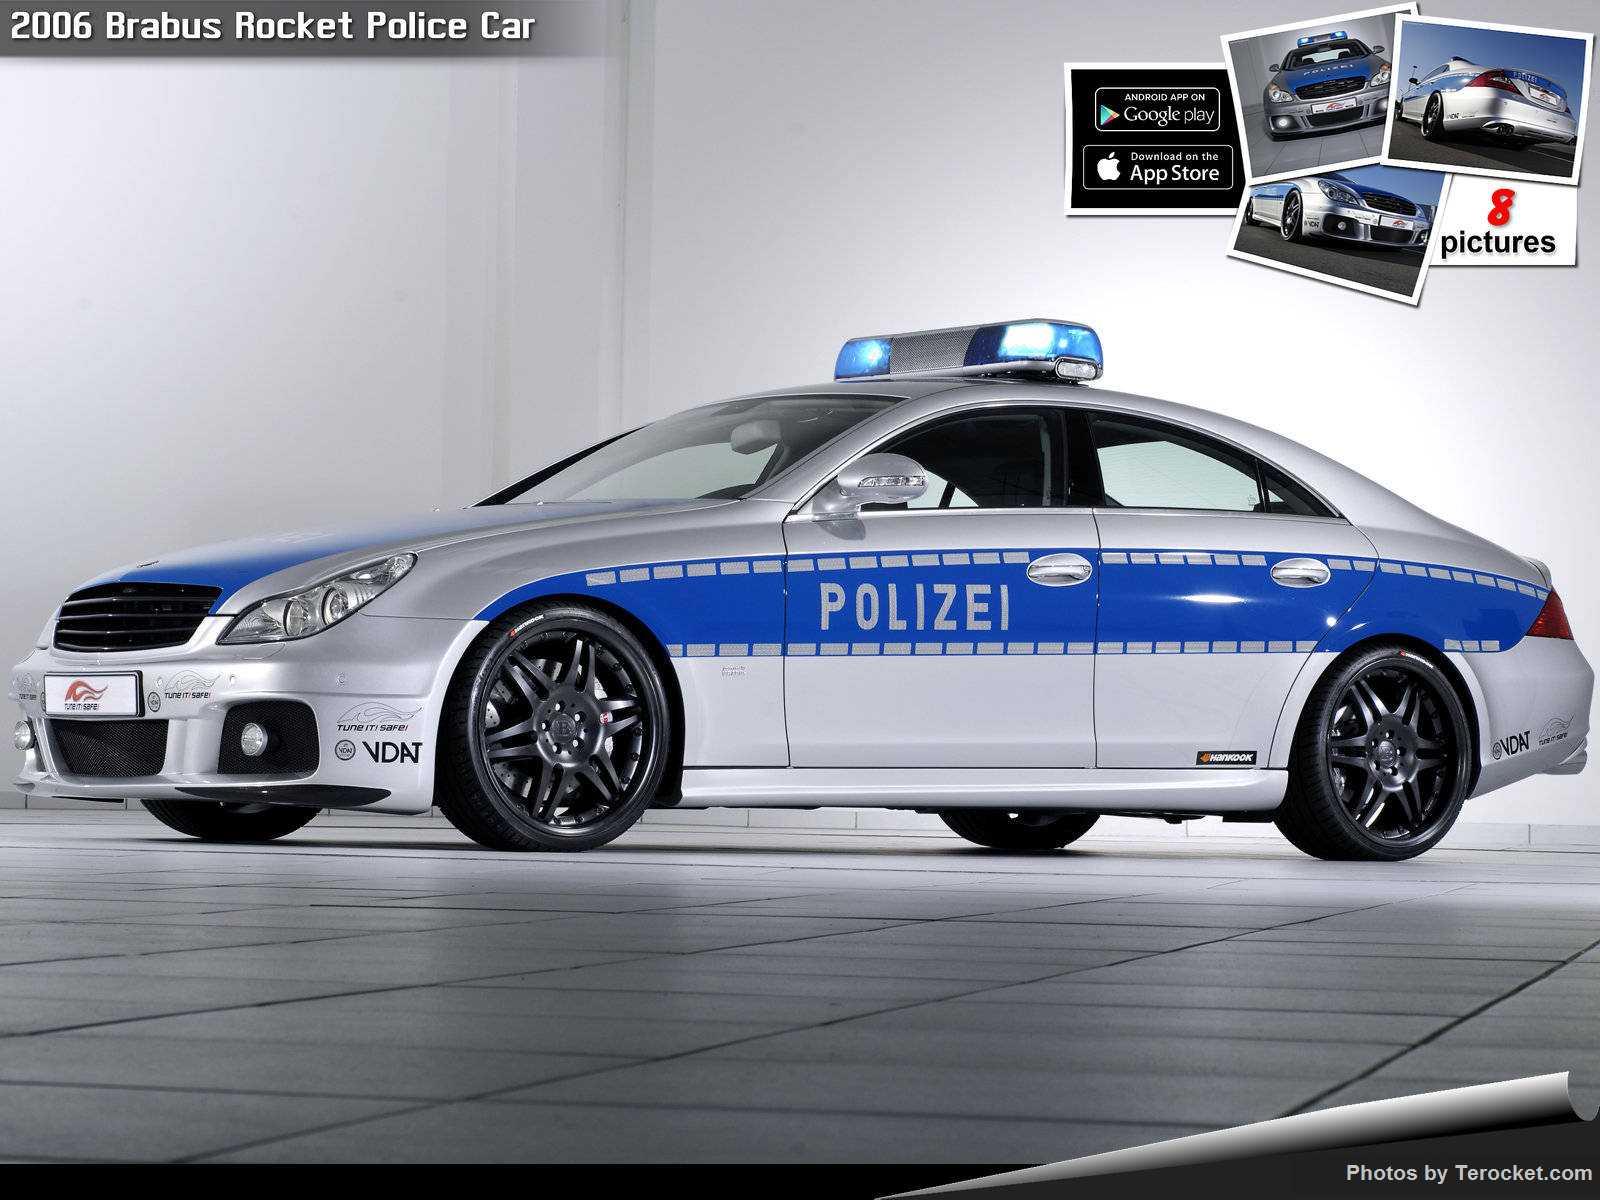 Hình ảnh xe ô tô Brabus Rocket Police Car 2006 & nội ngoại thất